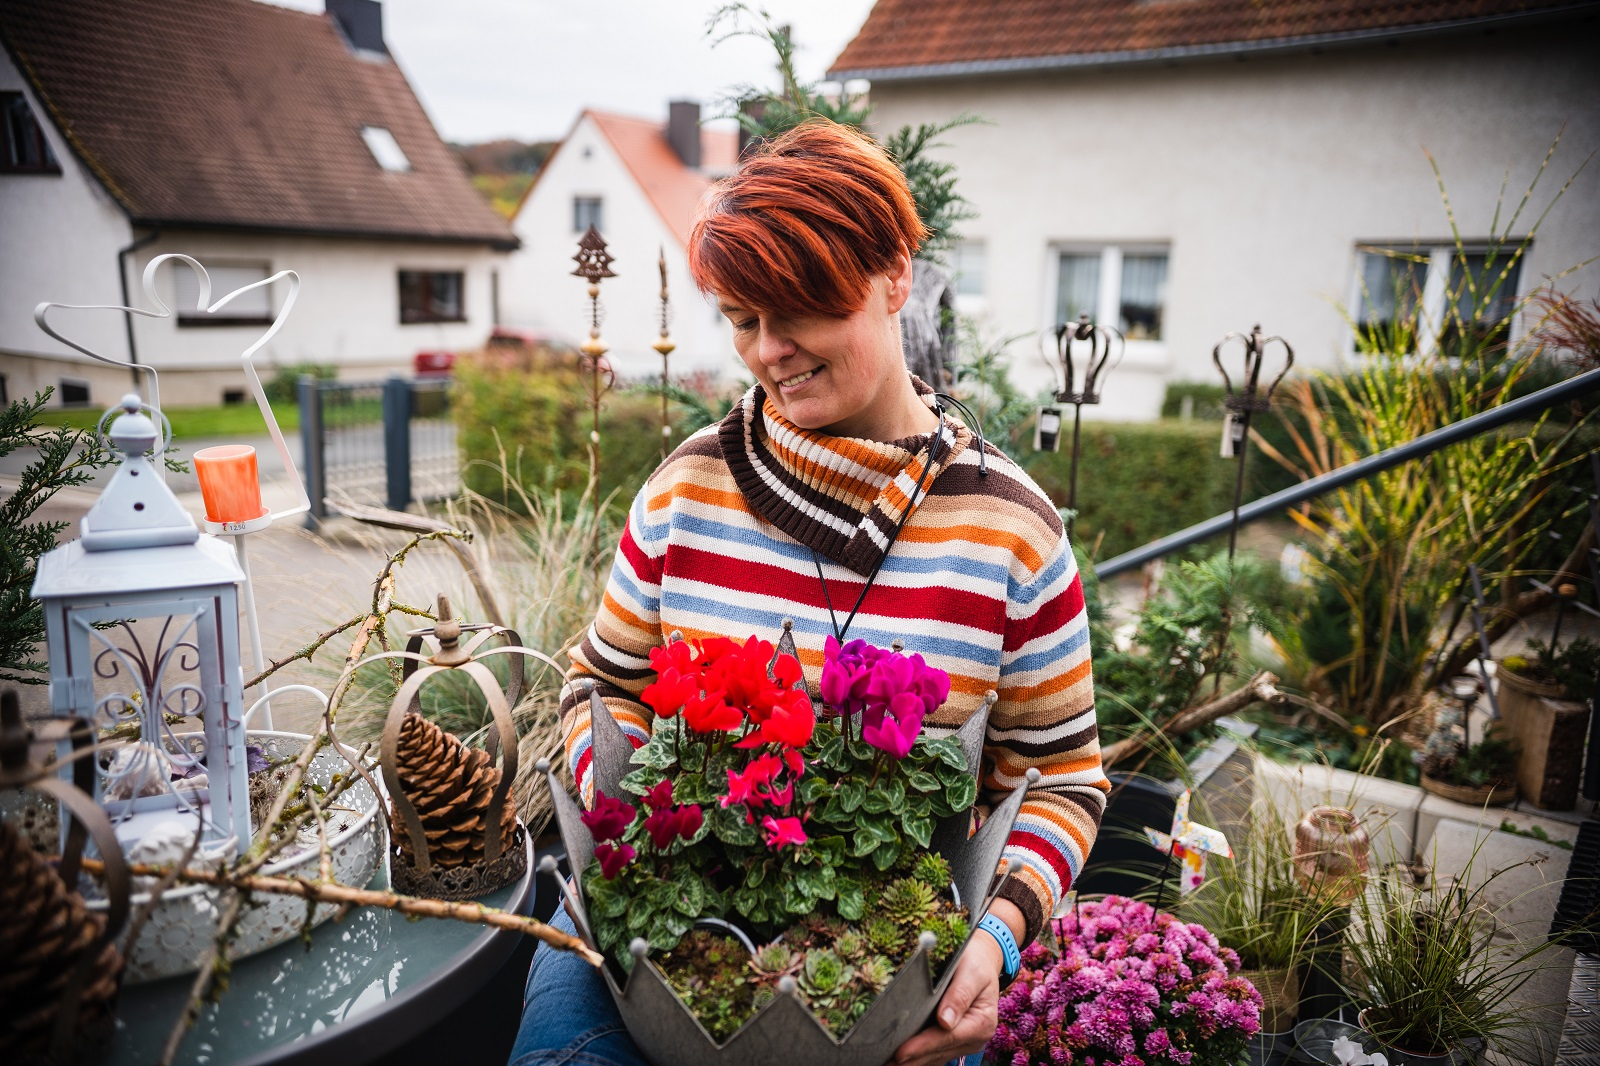 Floralwerkstatt_Handmacherin_Sandra_Lange_web.jpg